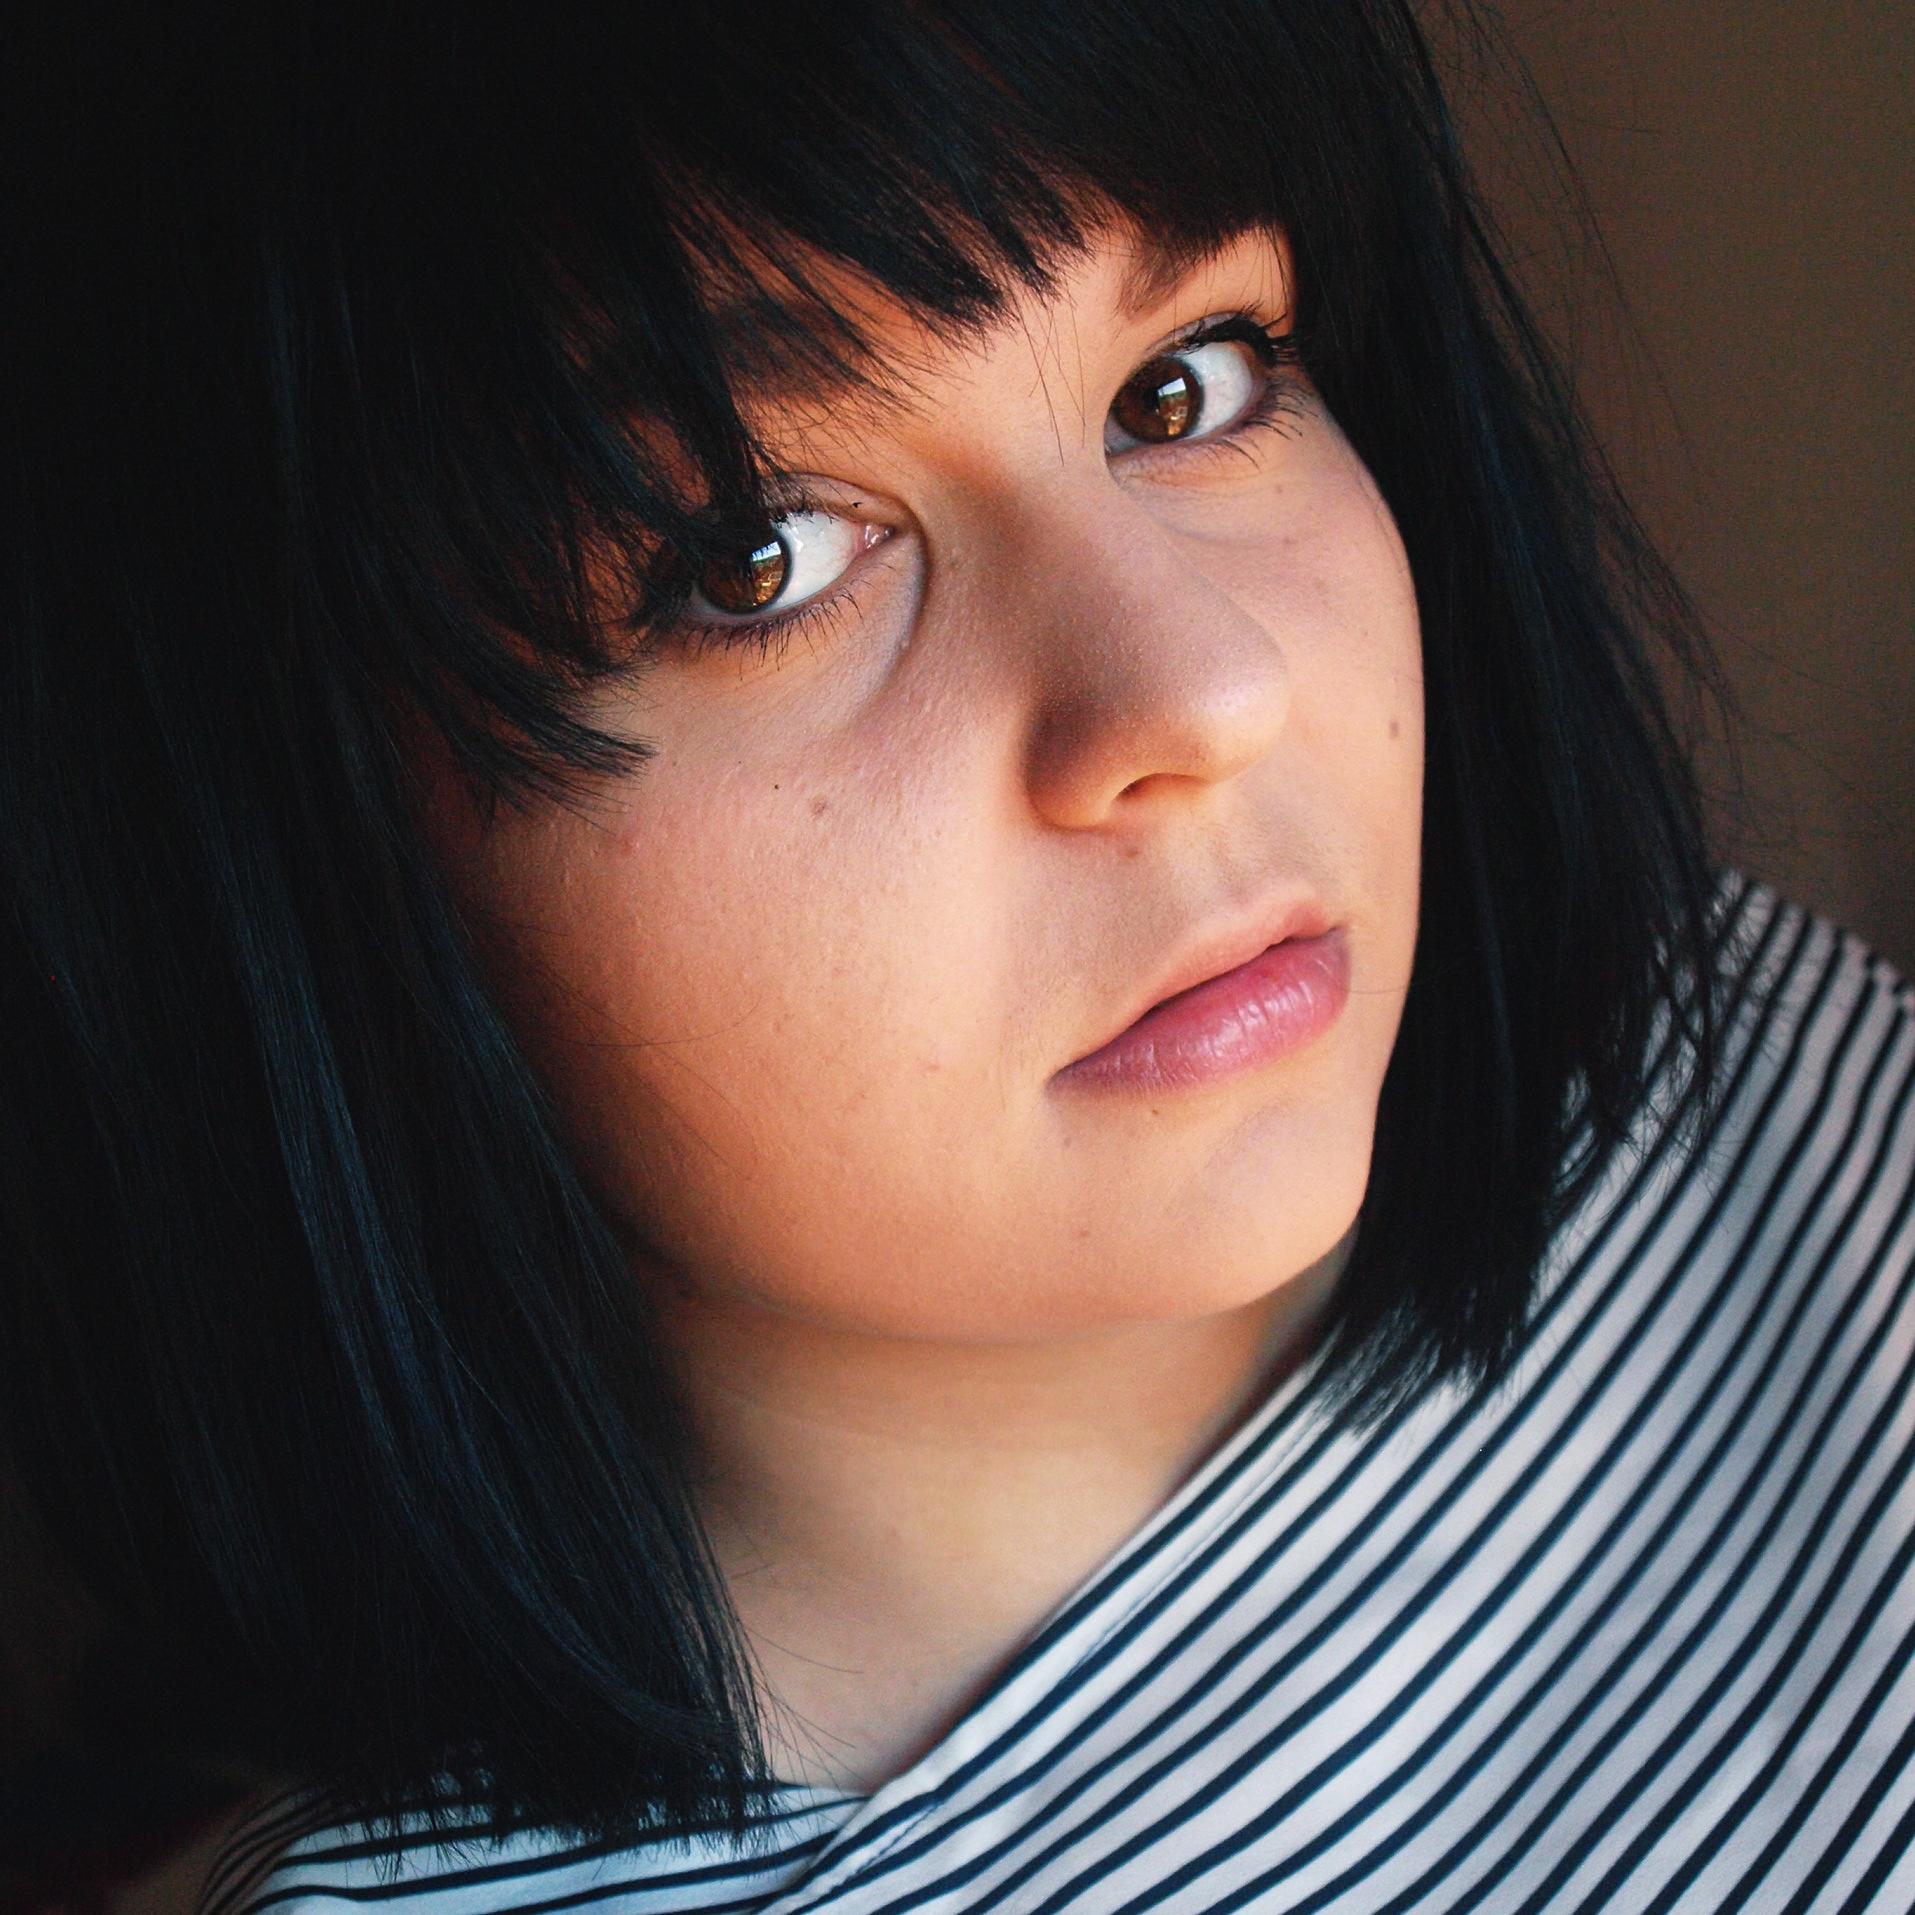 Katerina Slezakova